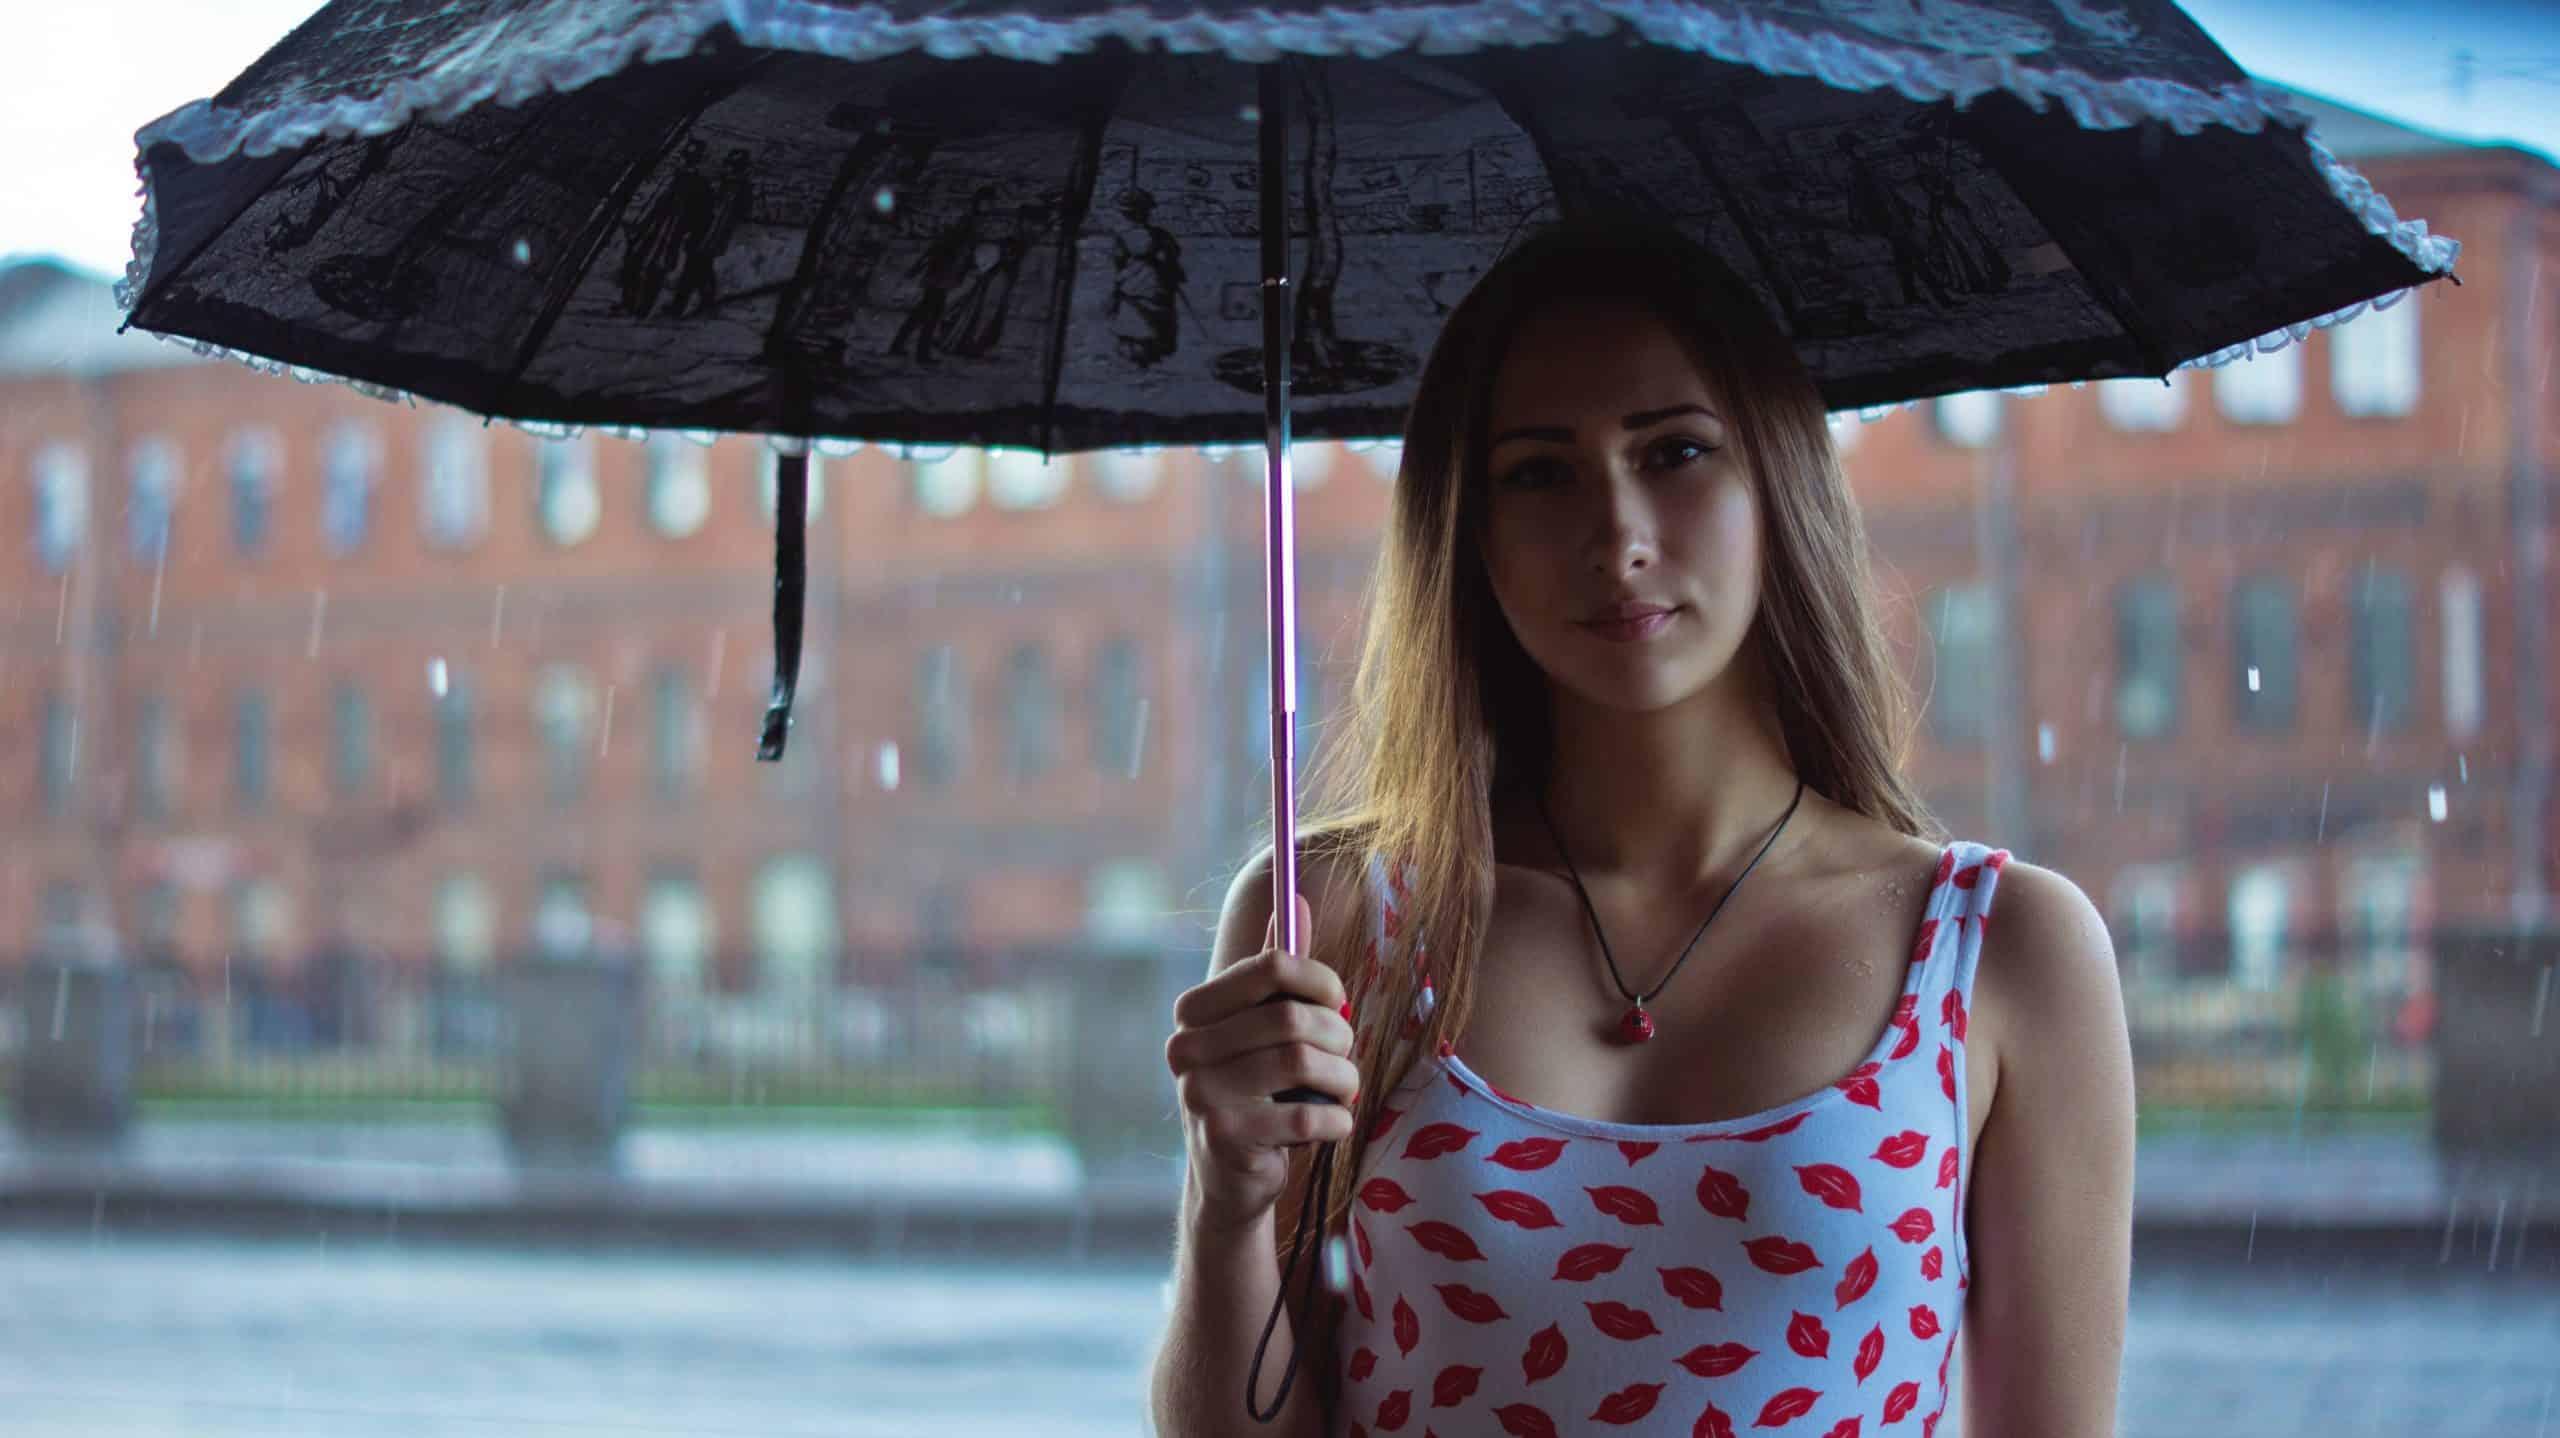 blonde in the rain